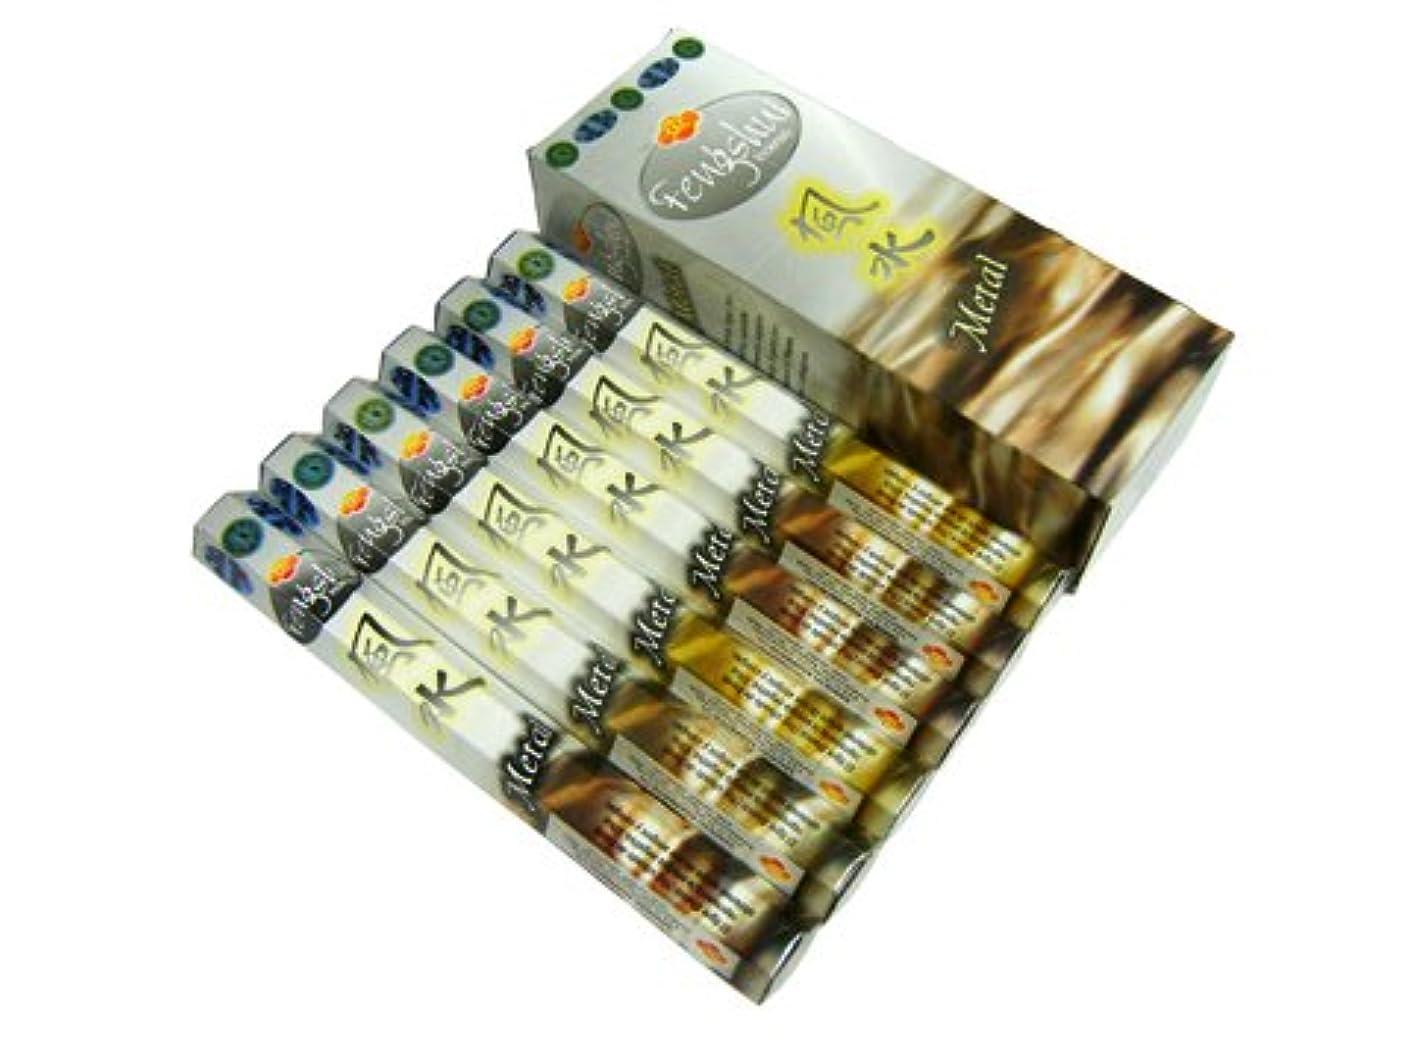 くしゃみする必要がある痴漢SANDESH SAC (サンデッシュ) 風水香(メタル) スティック FENGSHUI METAL 6箱セット